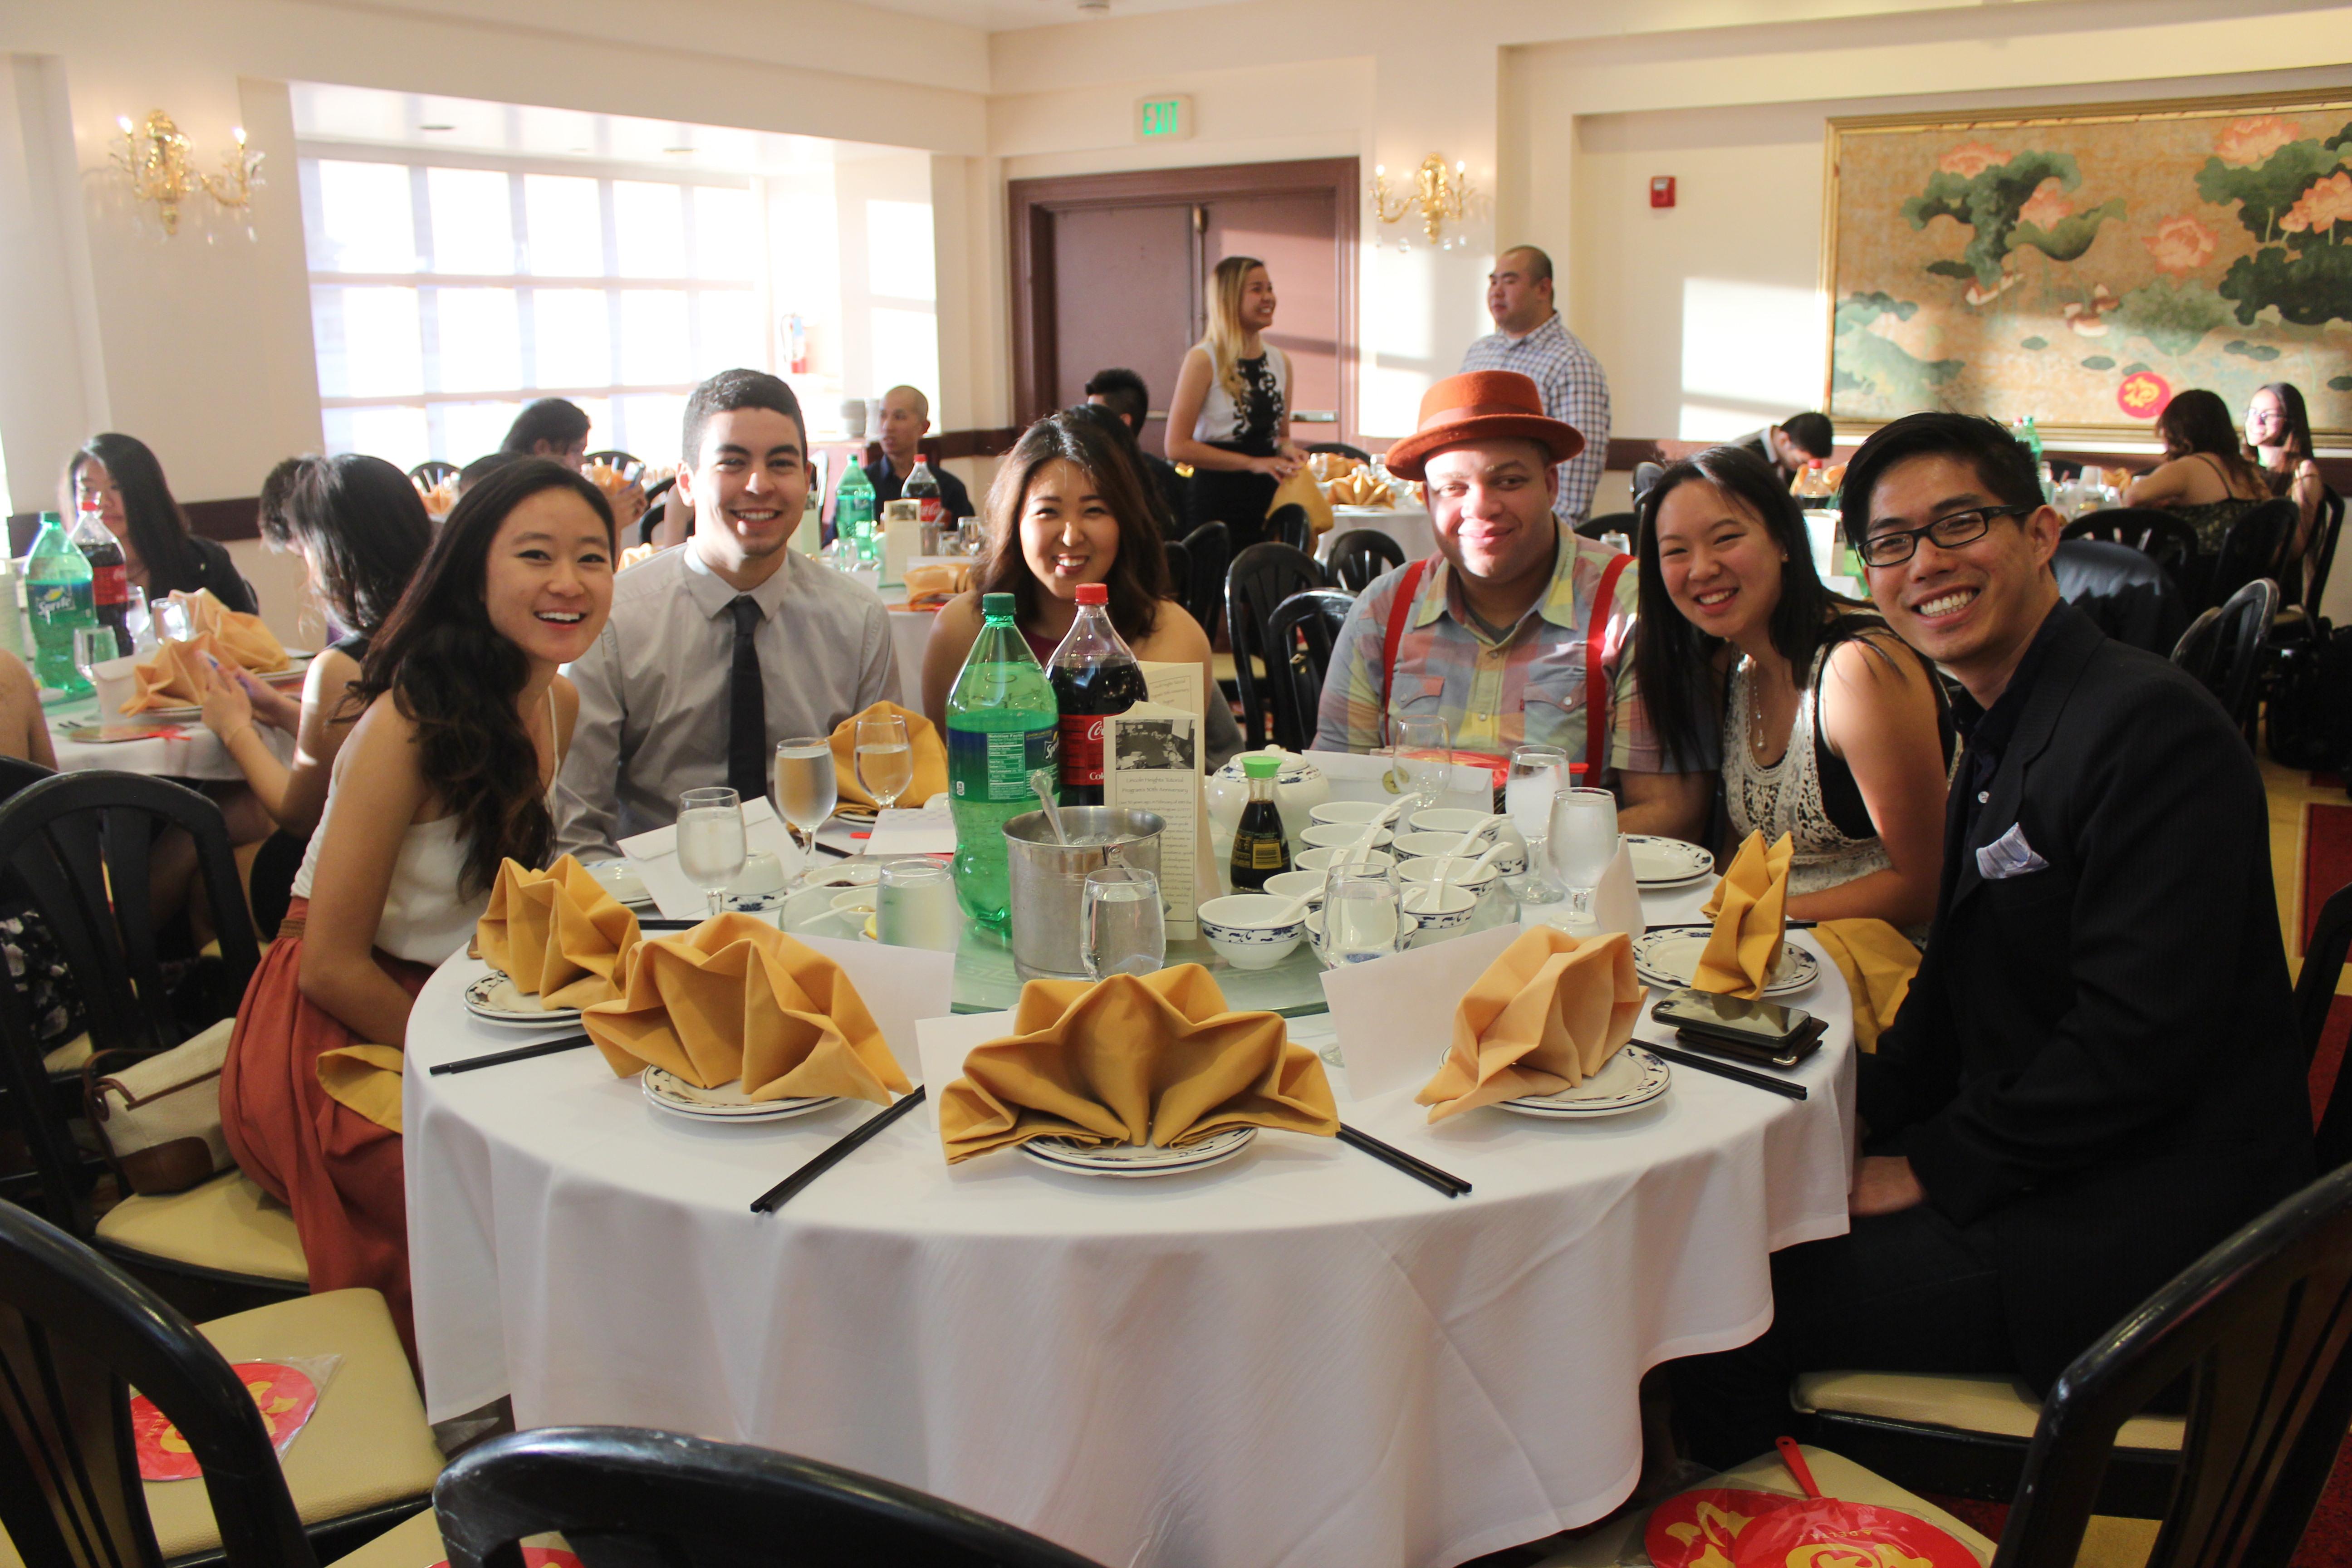 UCLA & USC guests